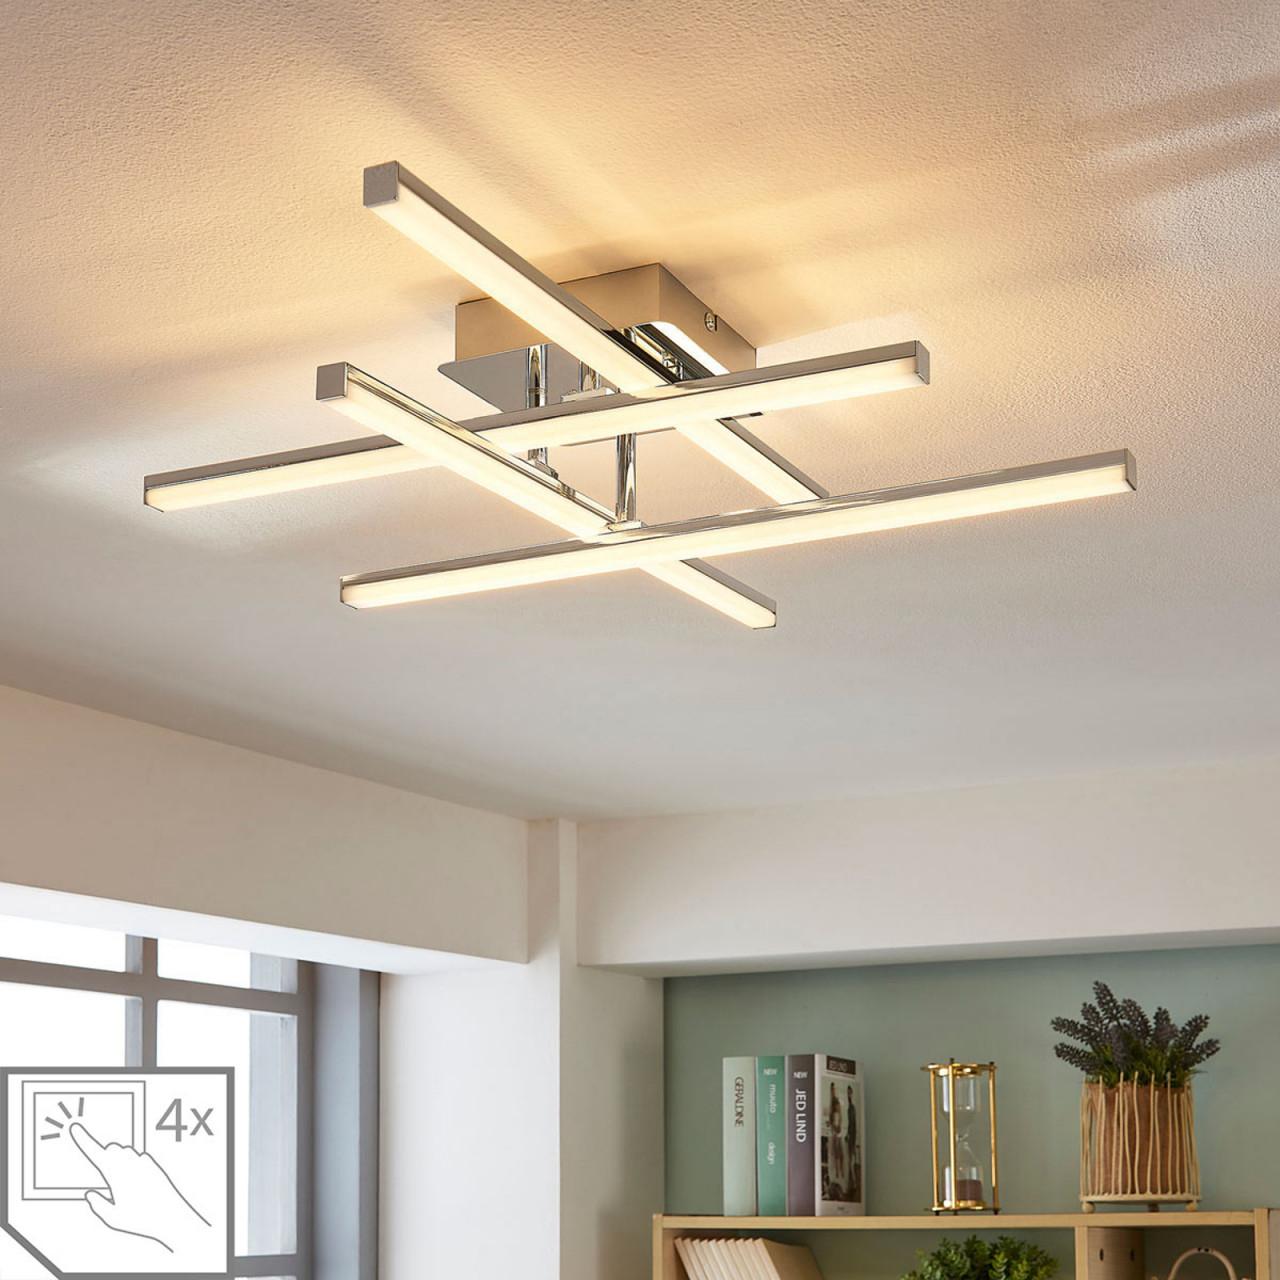 Möbel  Wohnaccessoires Küche Haushalt  Wohnen Für von Led Deckenleuchte Wohnzimmer Dimmbar Bild